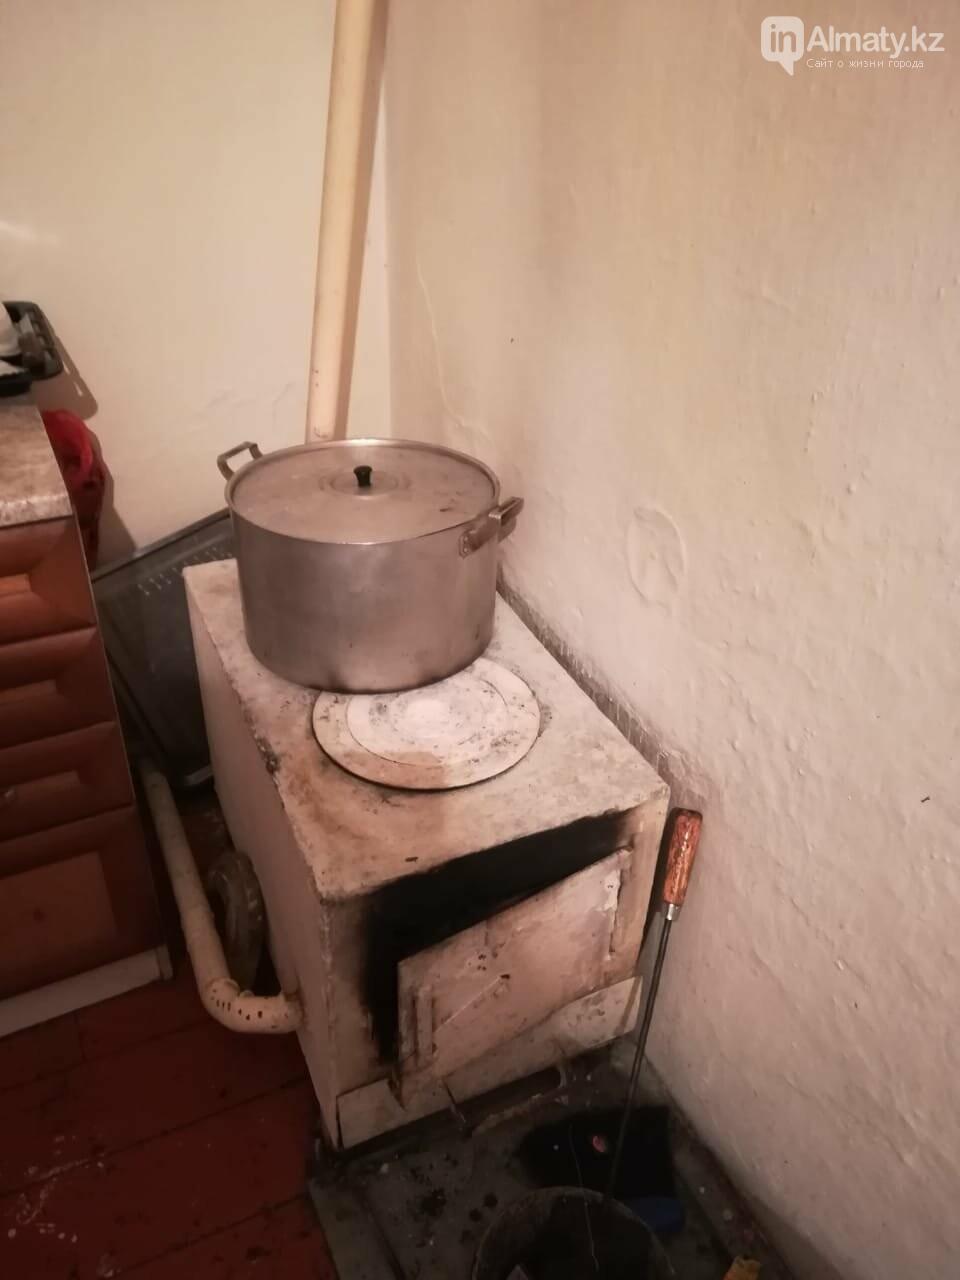 Семья из 7 человек отравилась угарным газом в мкр. Шуғыла, фото-1